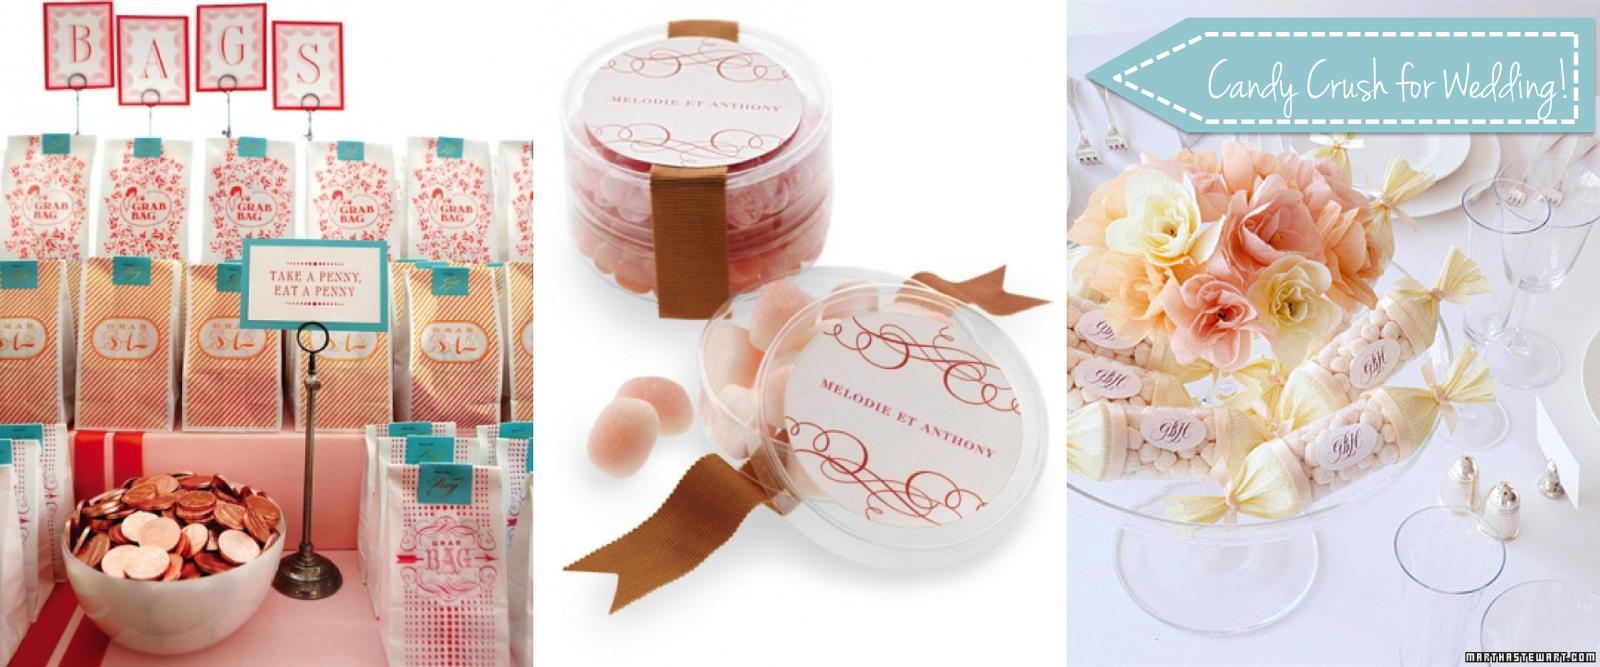 Idee segnaposto per matrimonio caramelle personalizzate per gli invitati something tiffany - Idee originali per segnaposto matrimonio ...